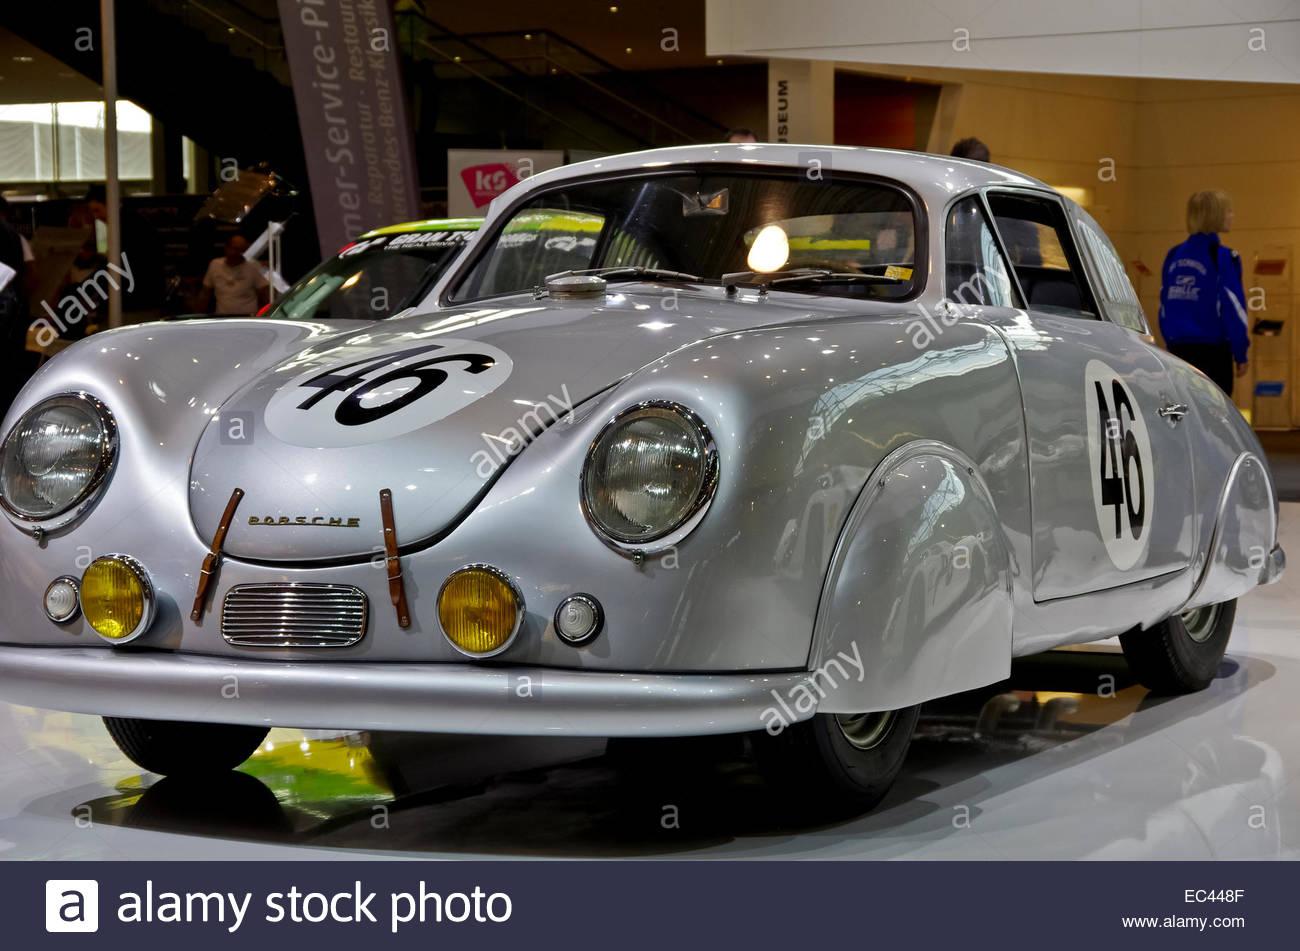 Porsche Vintage Car Stock Photos Porsche Vintage Car Stock Images